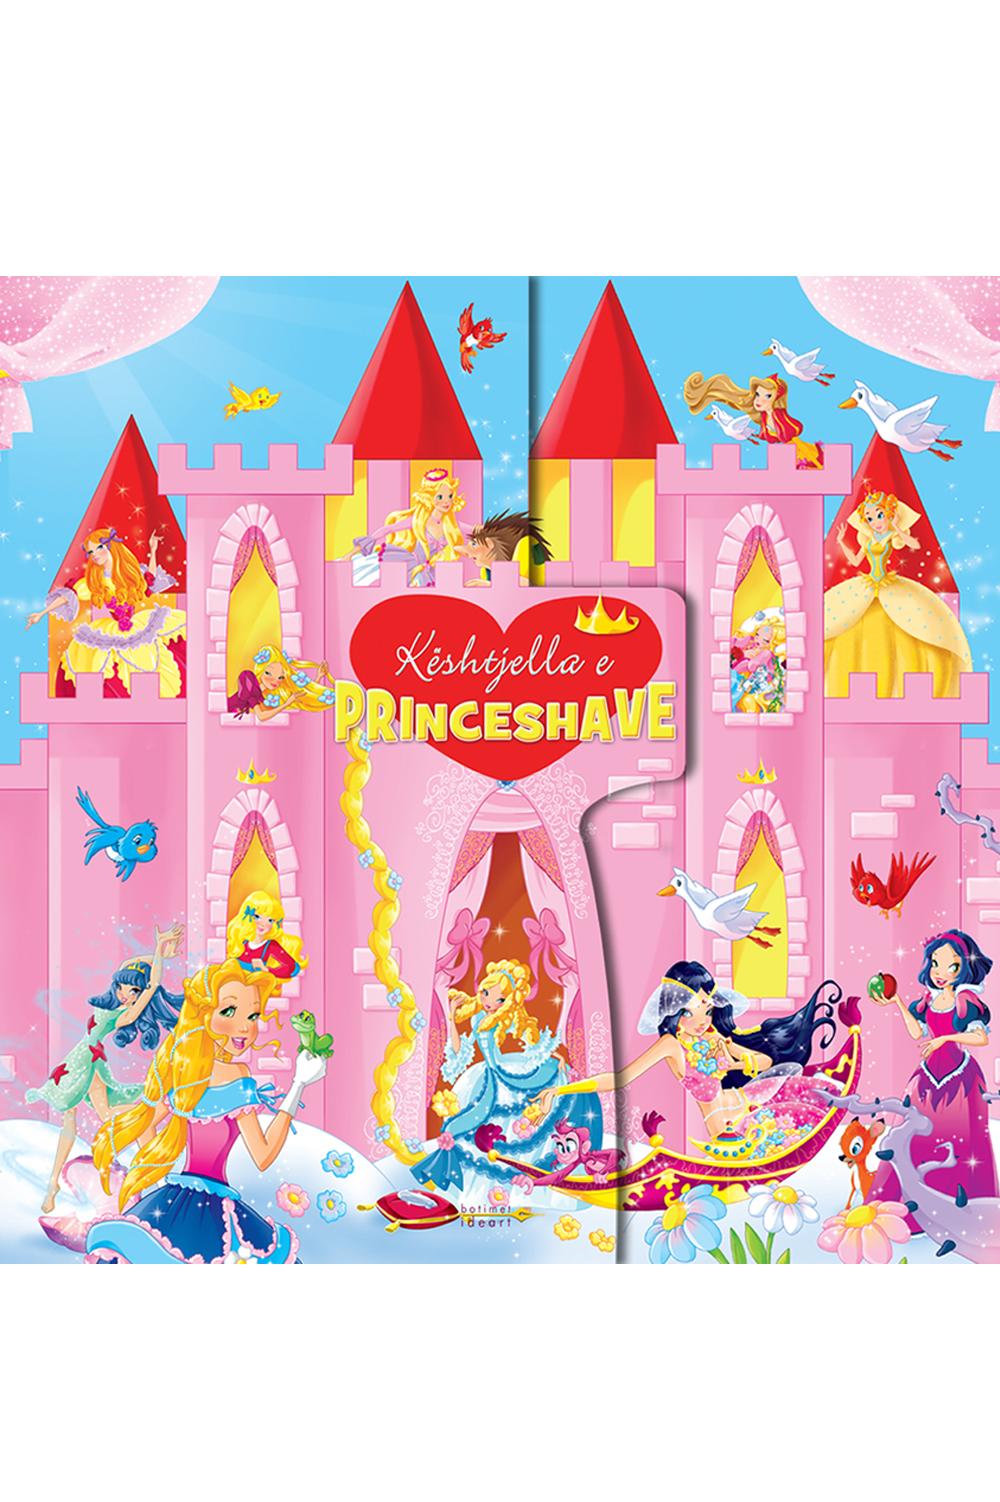 Kështjella e Princeshave